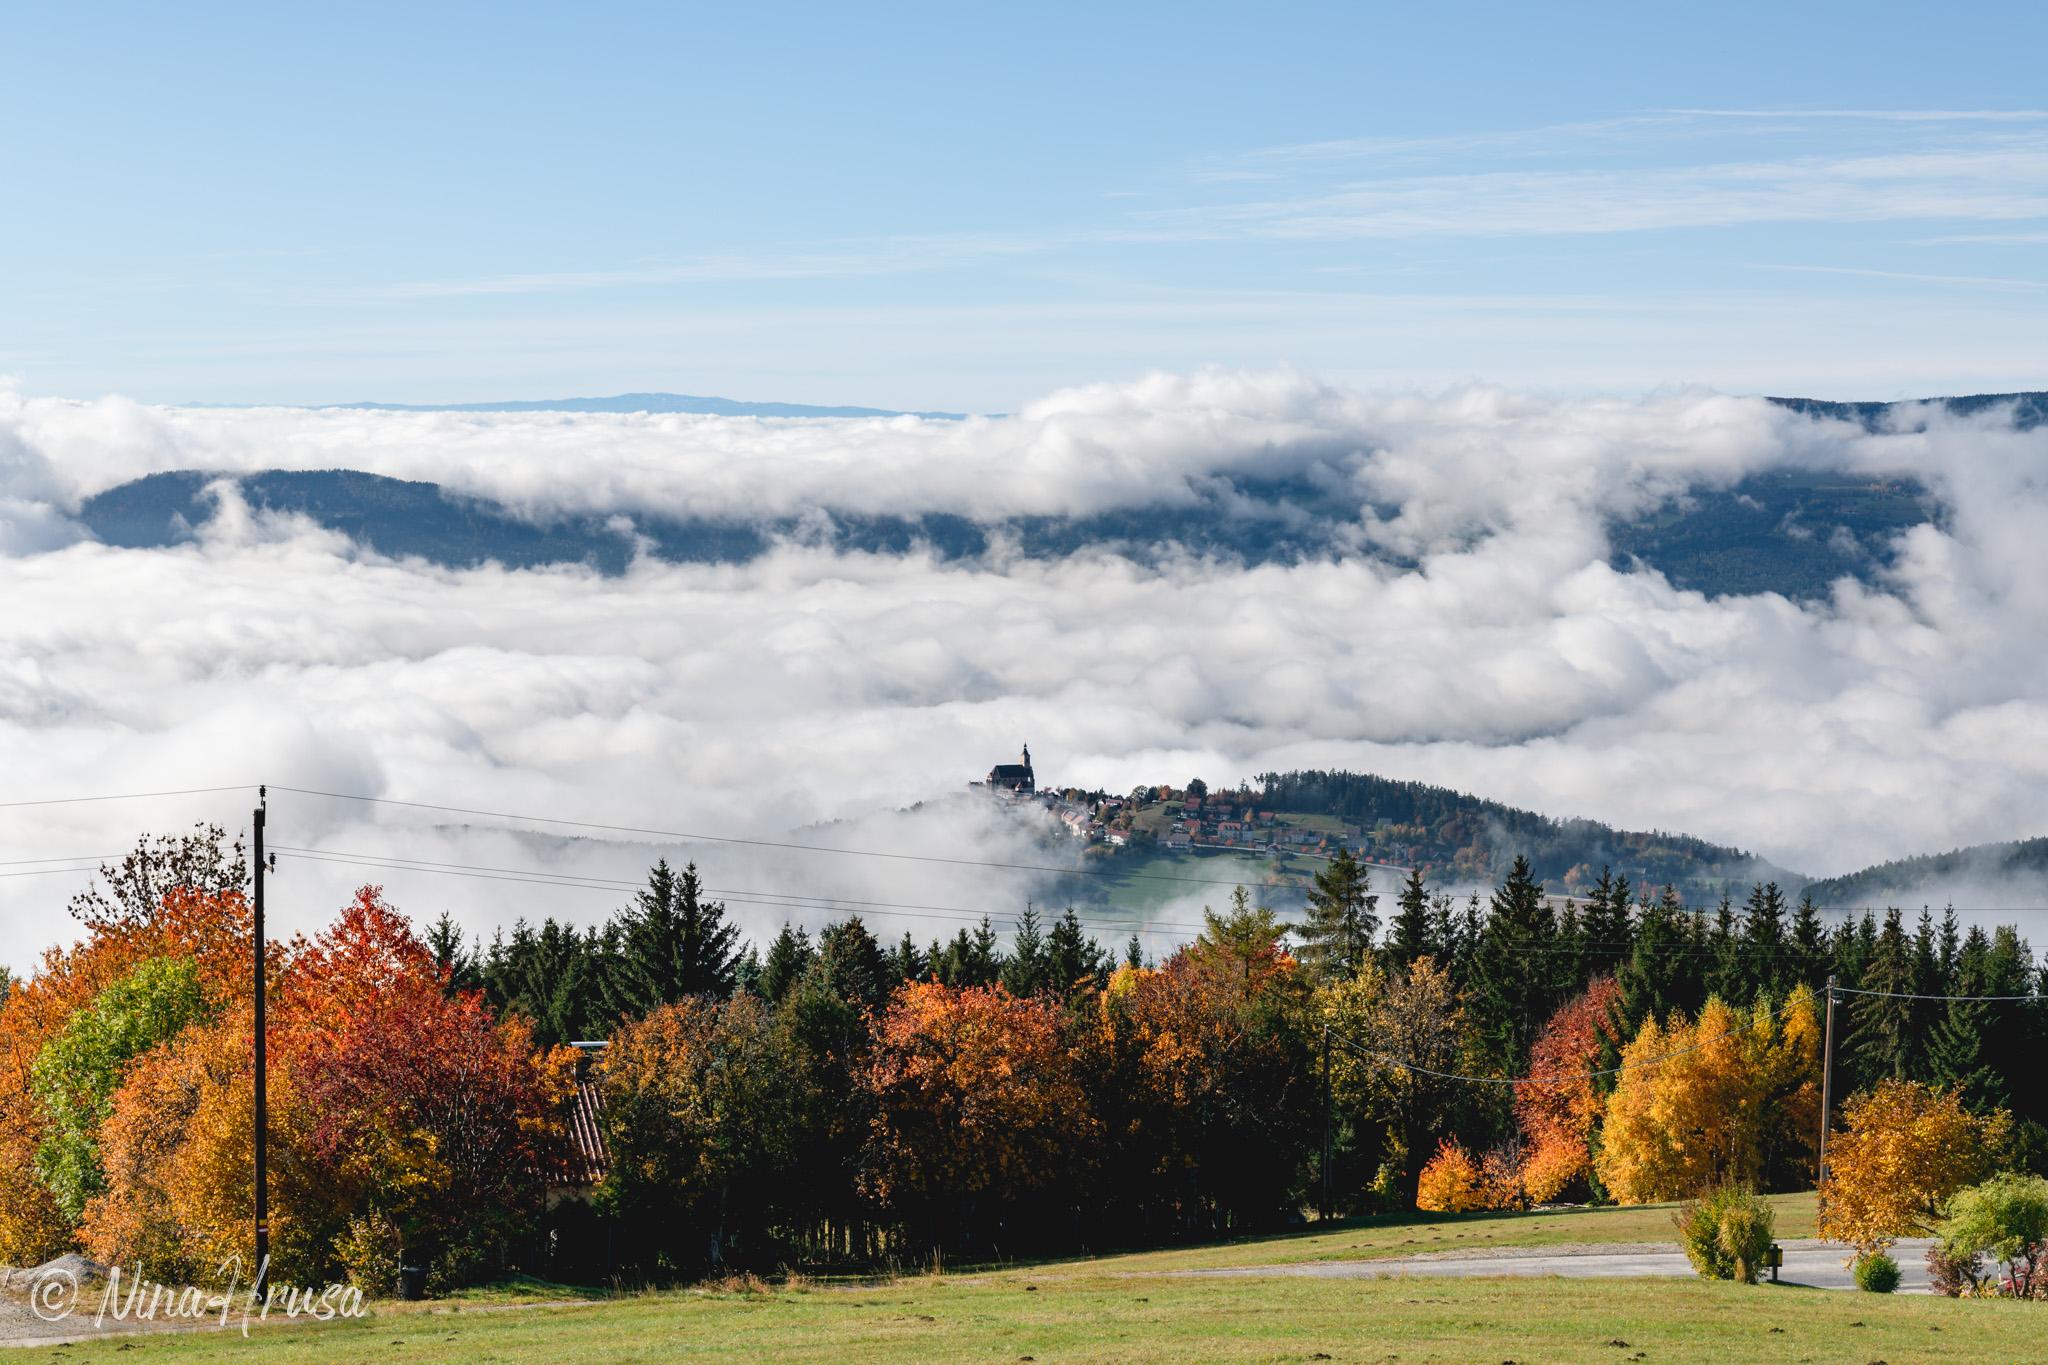 Wolken, Herbst, Pöllauberg, Steiermark, Zwischenmomente | Nina Hrusa Photography